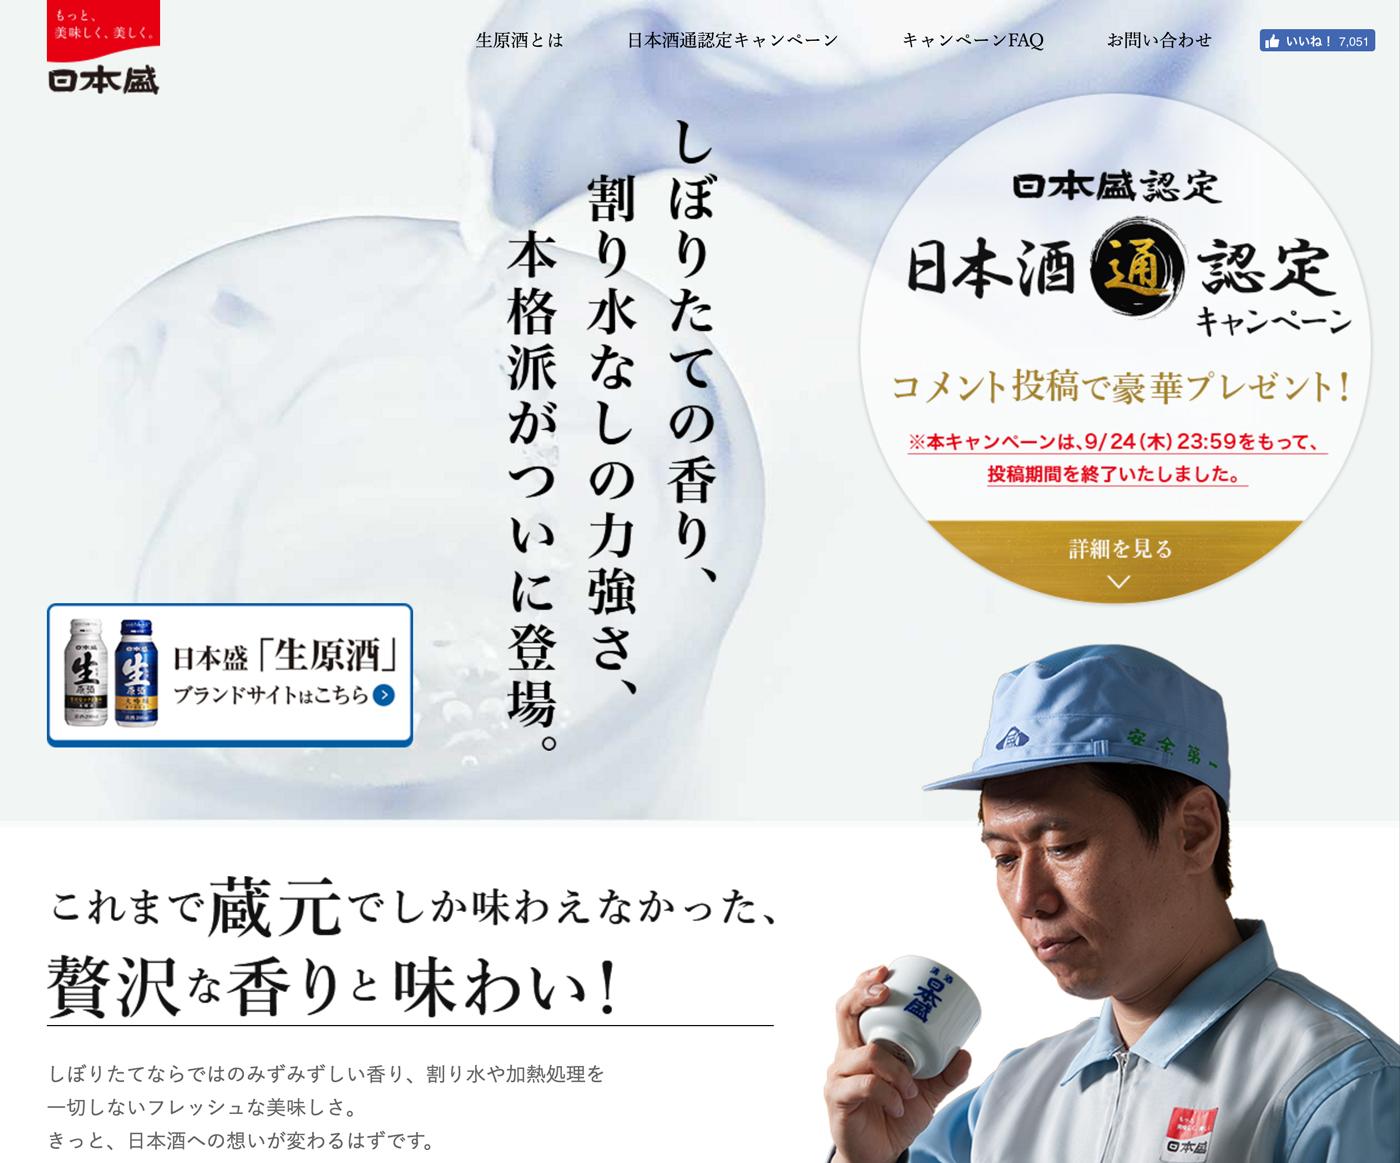 日本盛認定!日本酒通認定キャンペーン